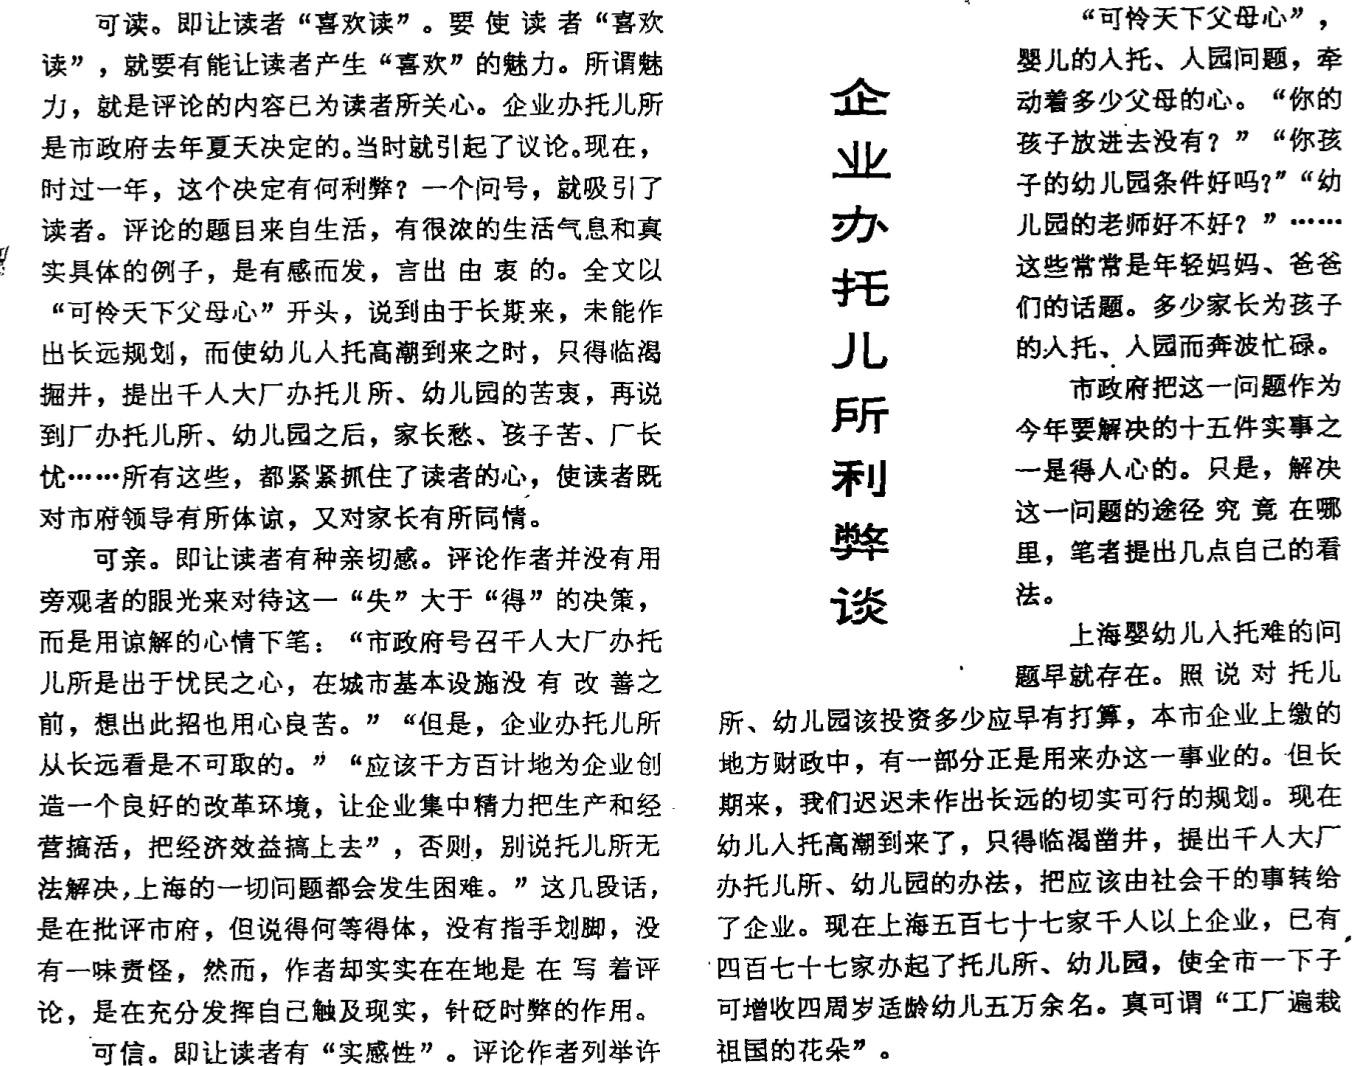 1986年解放日报上的《企业办托儿所利弊谈》